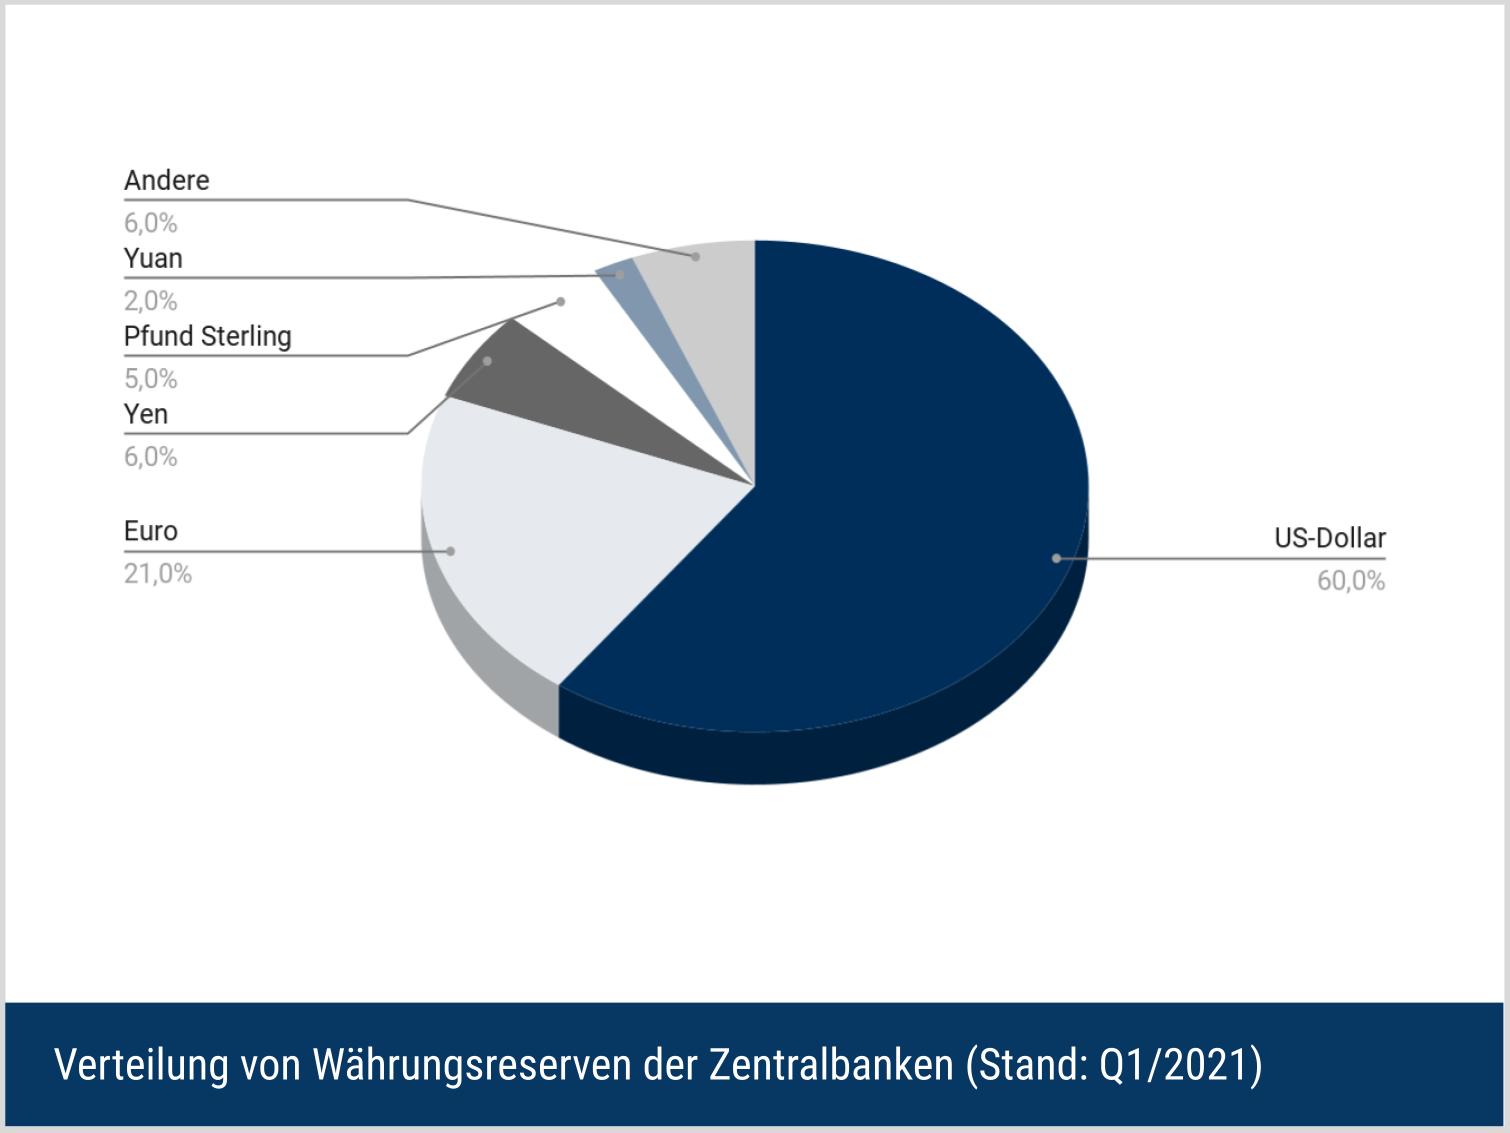 Prozentuale Verteilung von Währungsreserven der Zentralbanken (Stand: 2021)